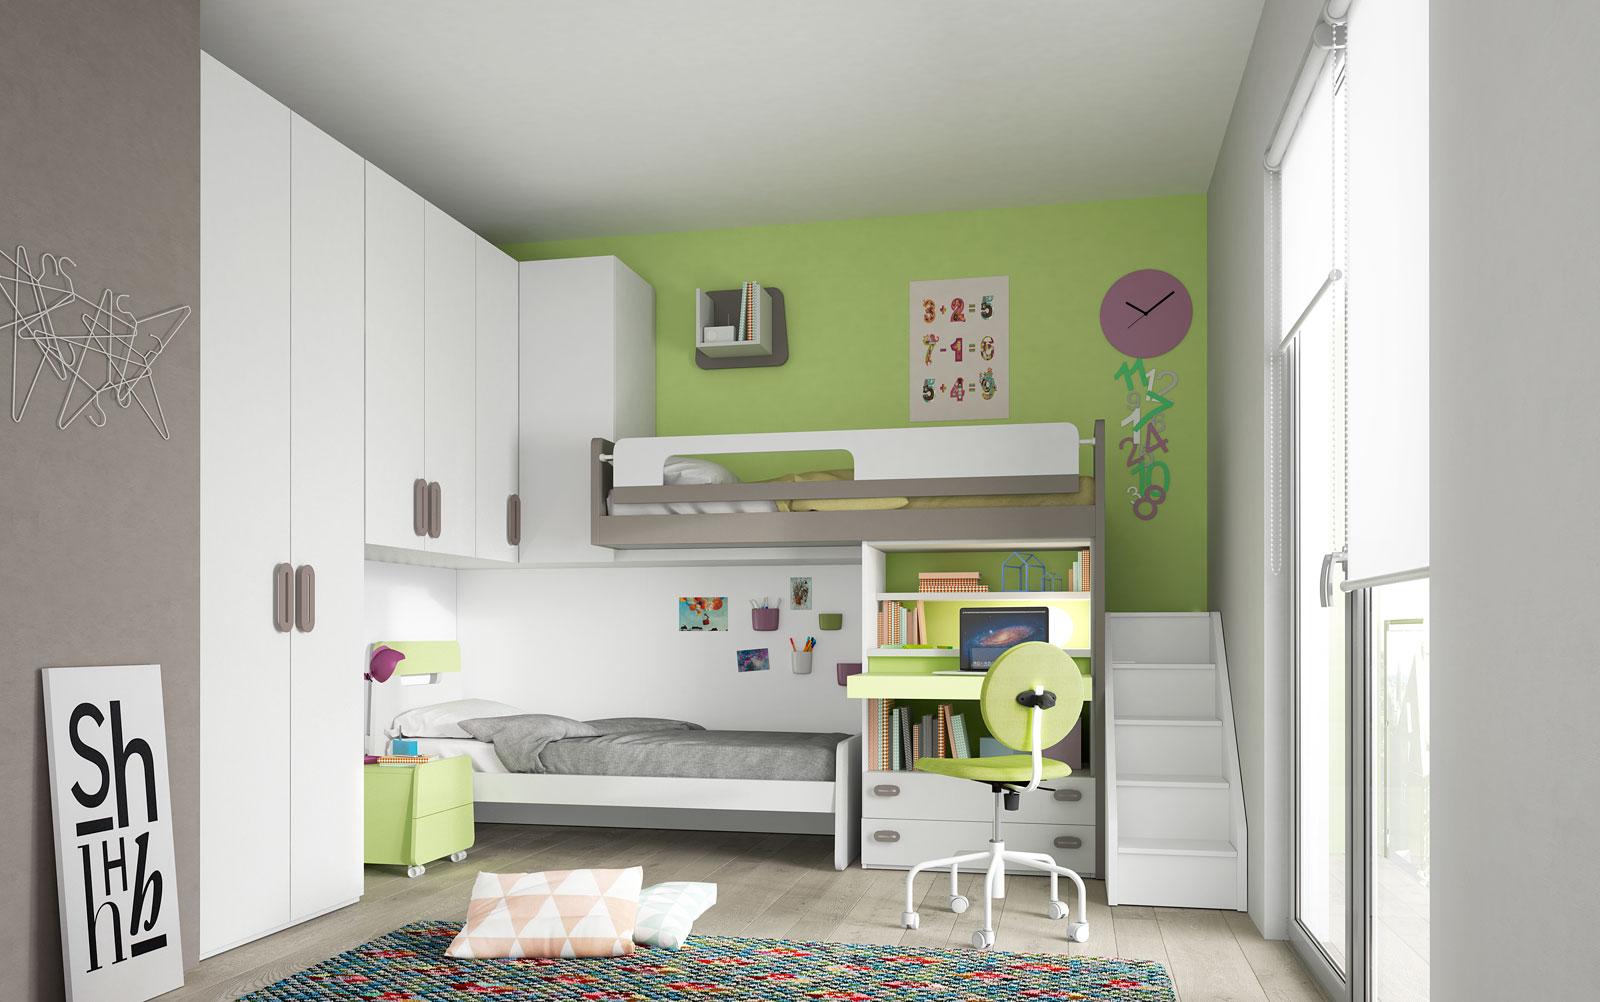 camerette salvaspazio per bambini e ragazzi la nostra